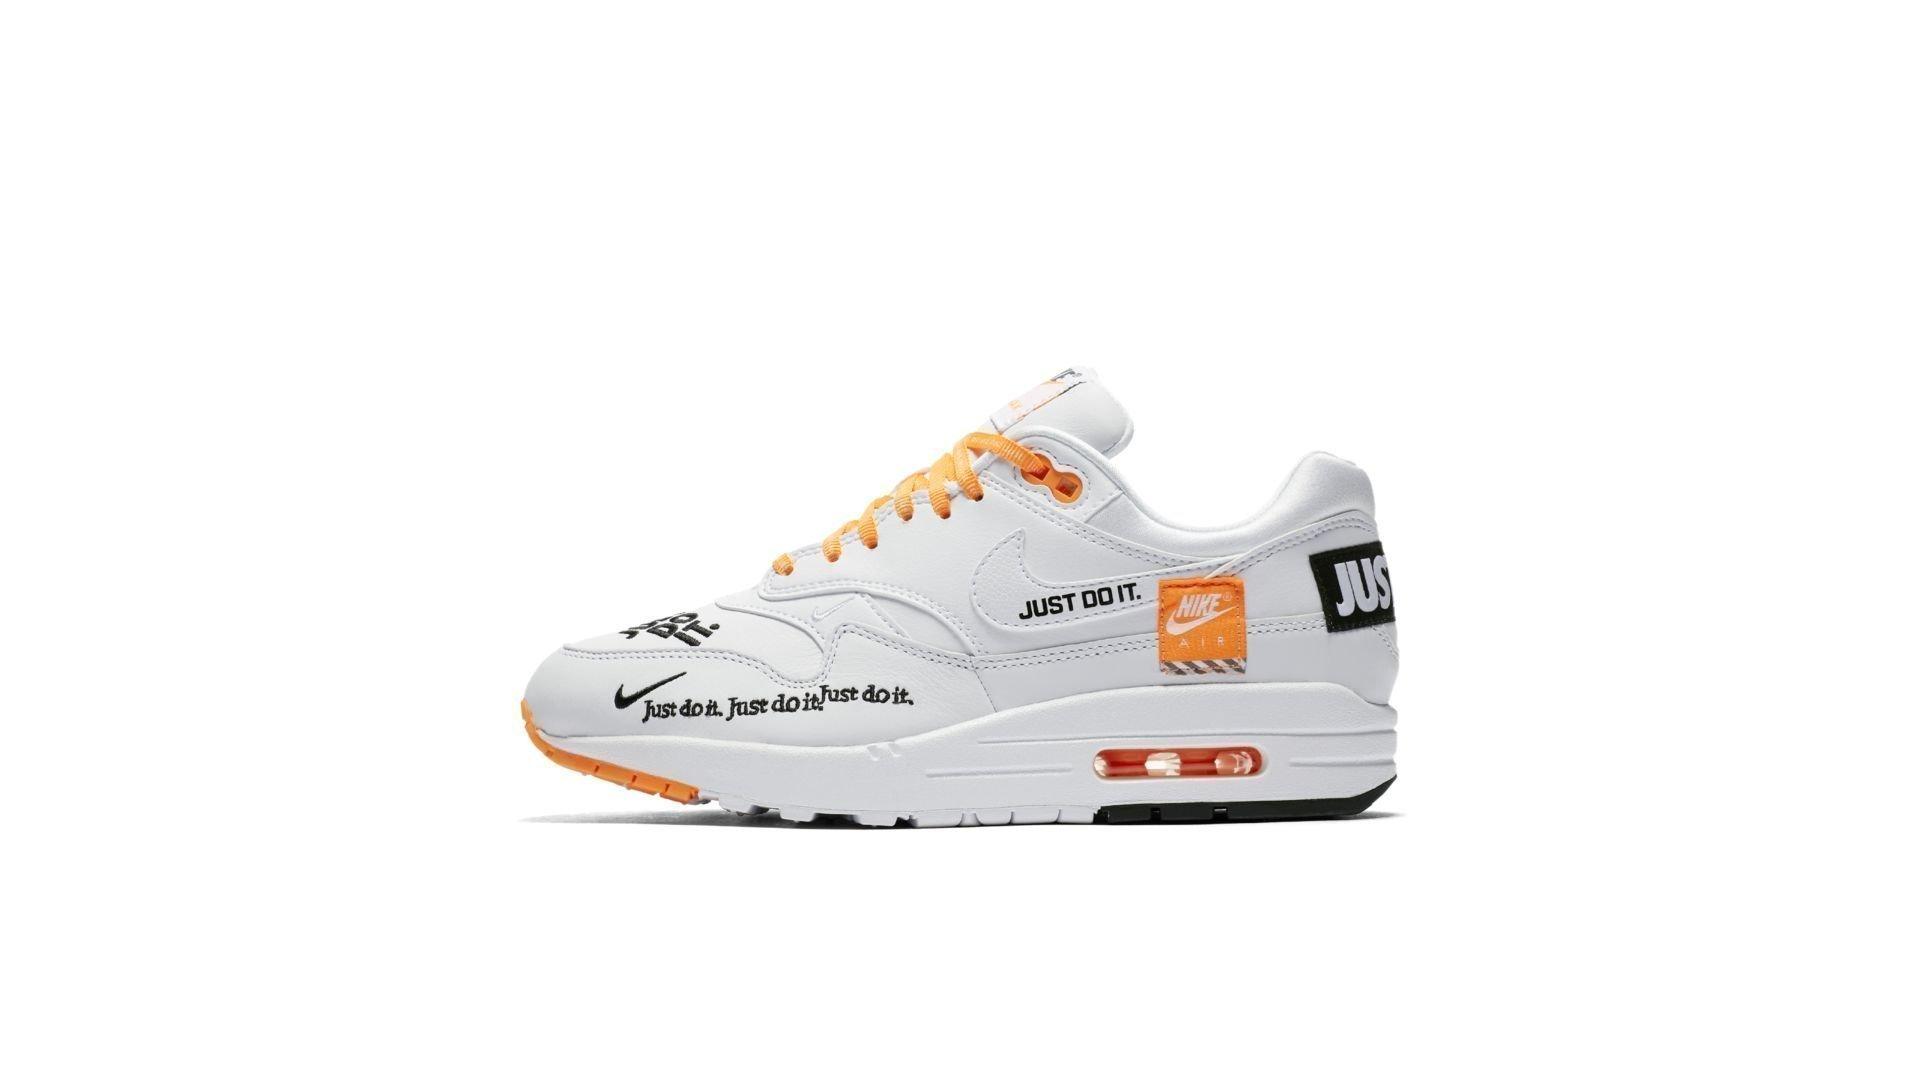 Nike WMNS Air Max 1 Lux 'White' (917691-100)